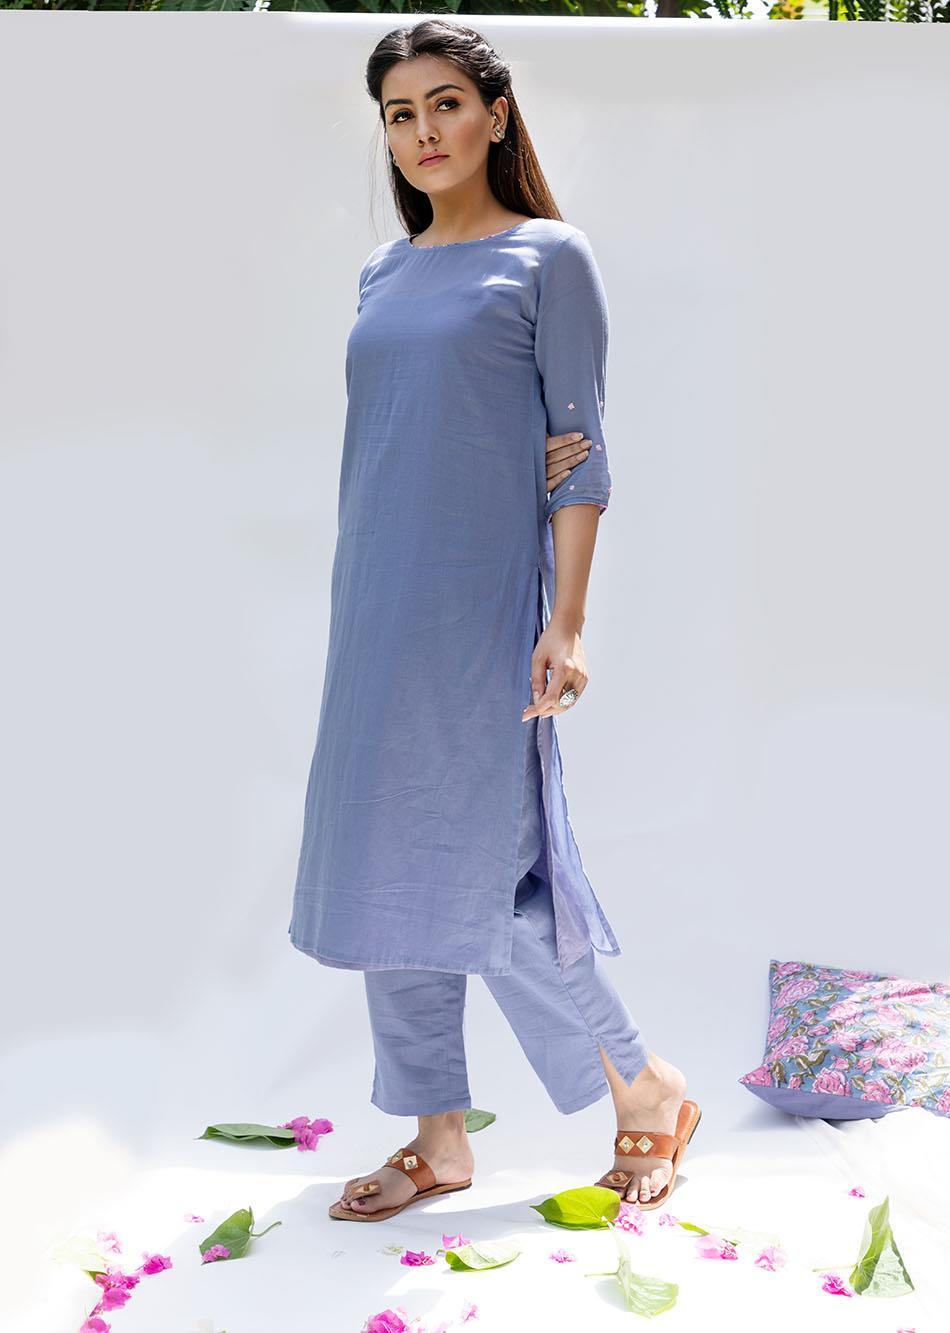 Baiguni Transy kurta and pants (set of 2)